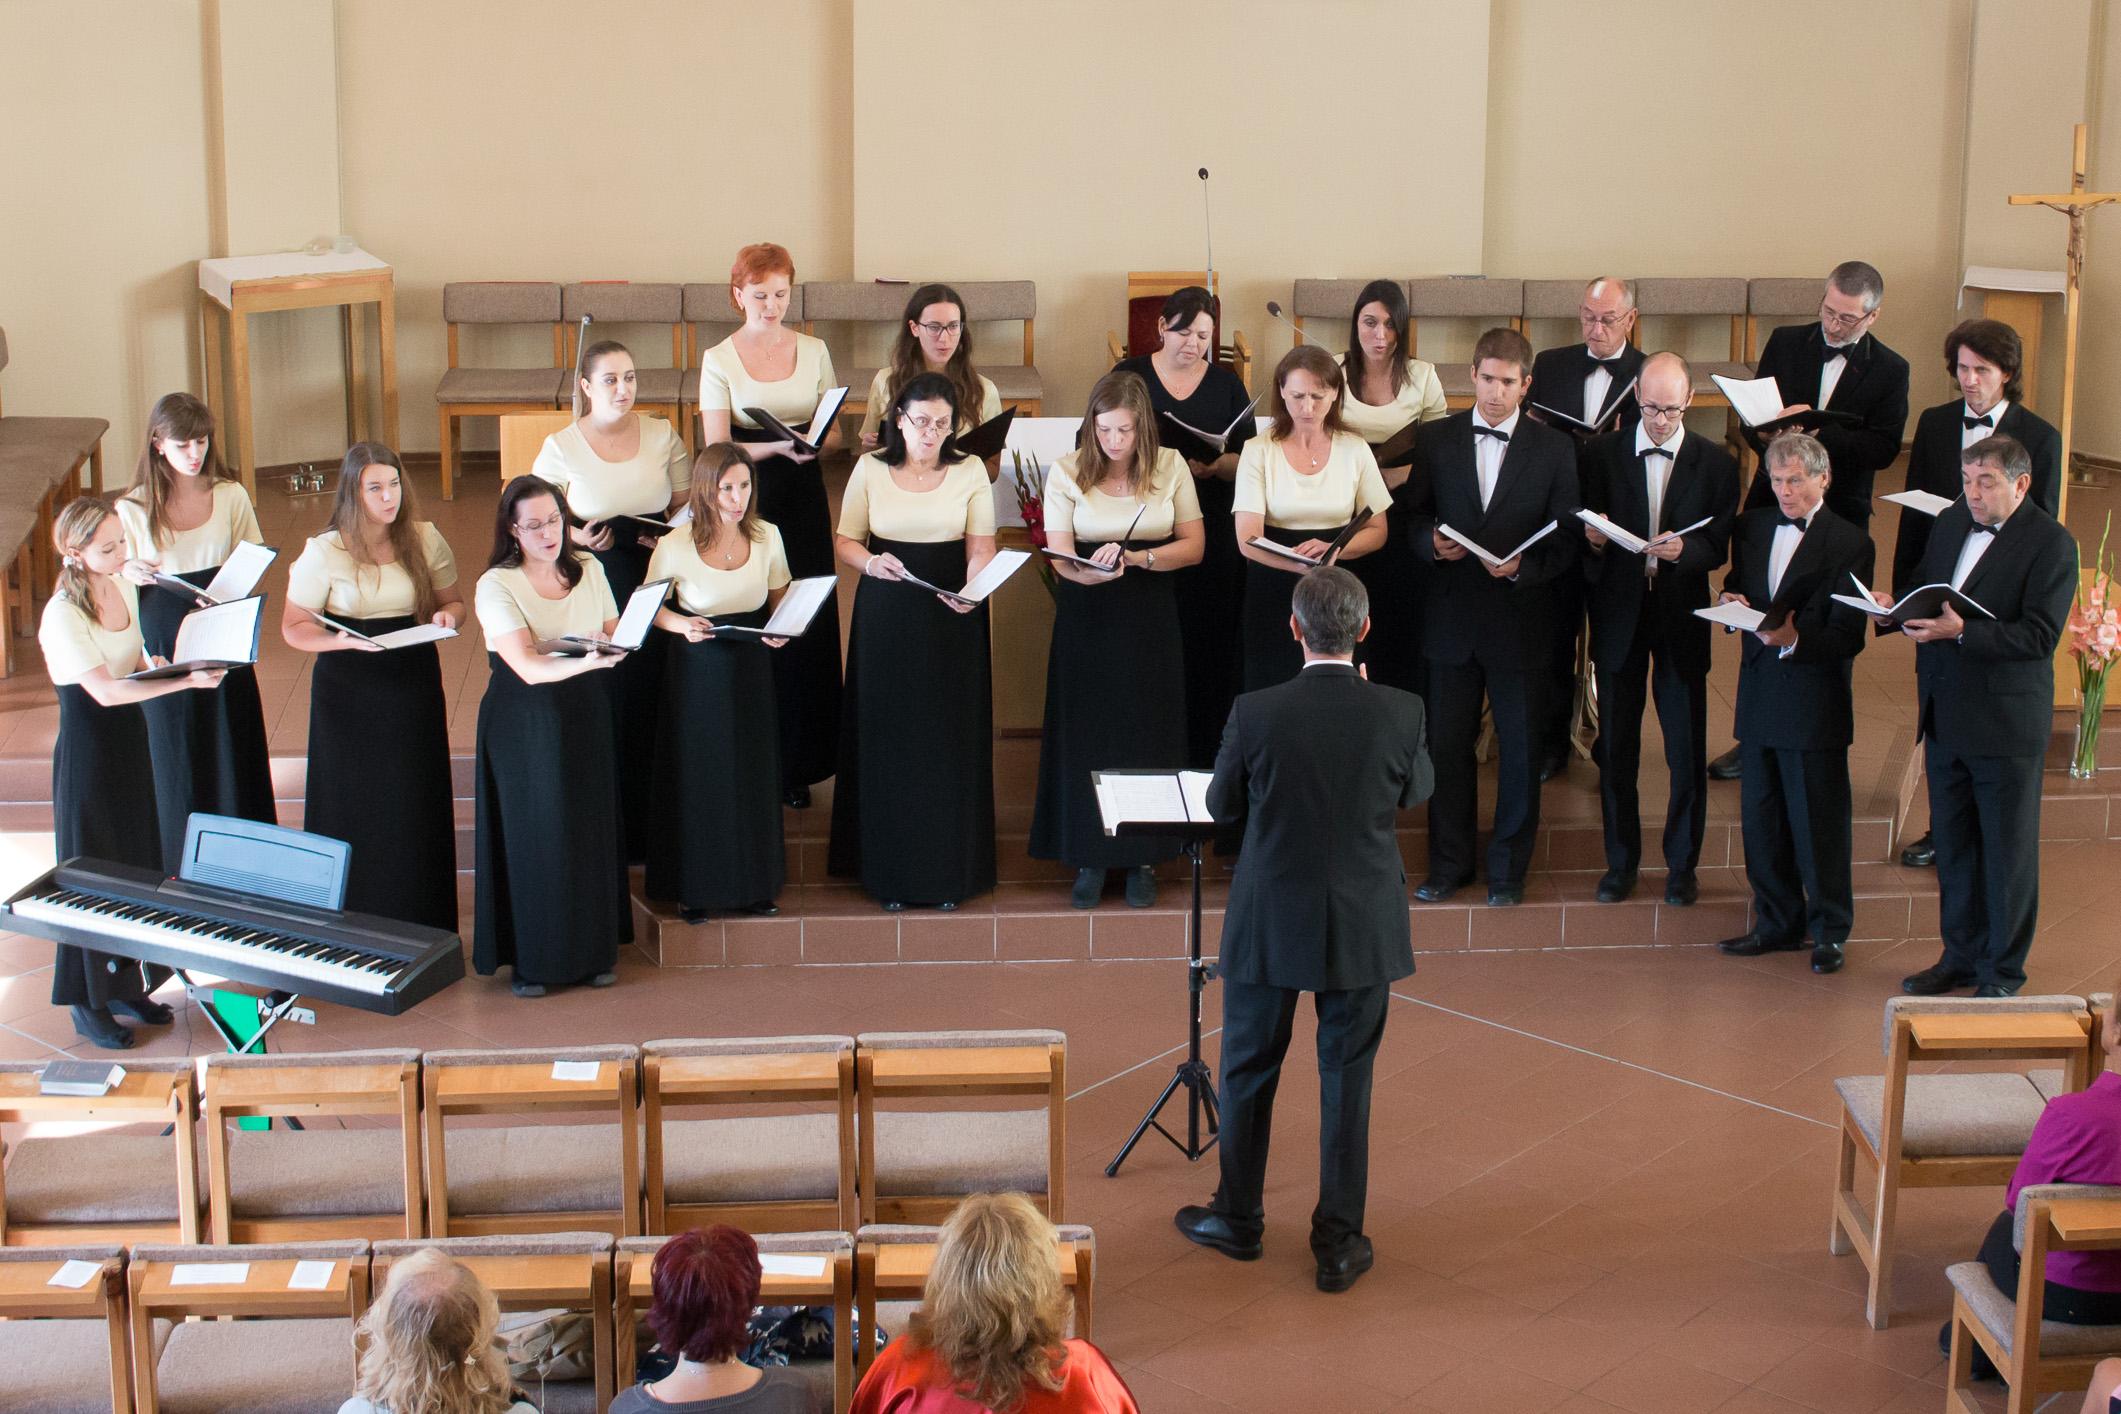 brnensky-akademicky-zbor-2017